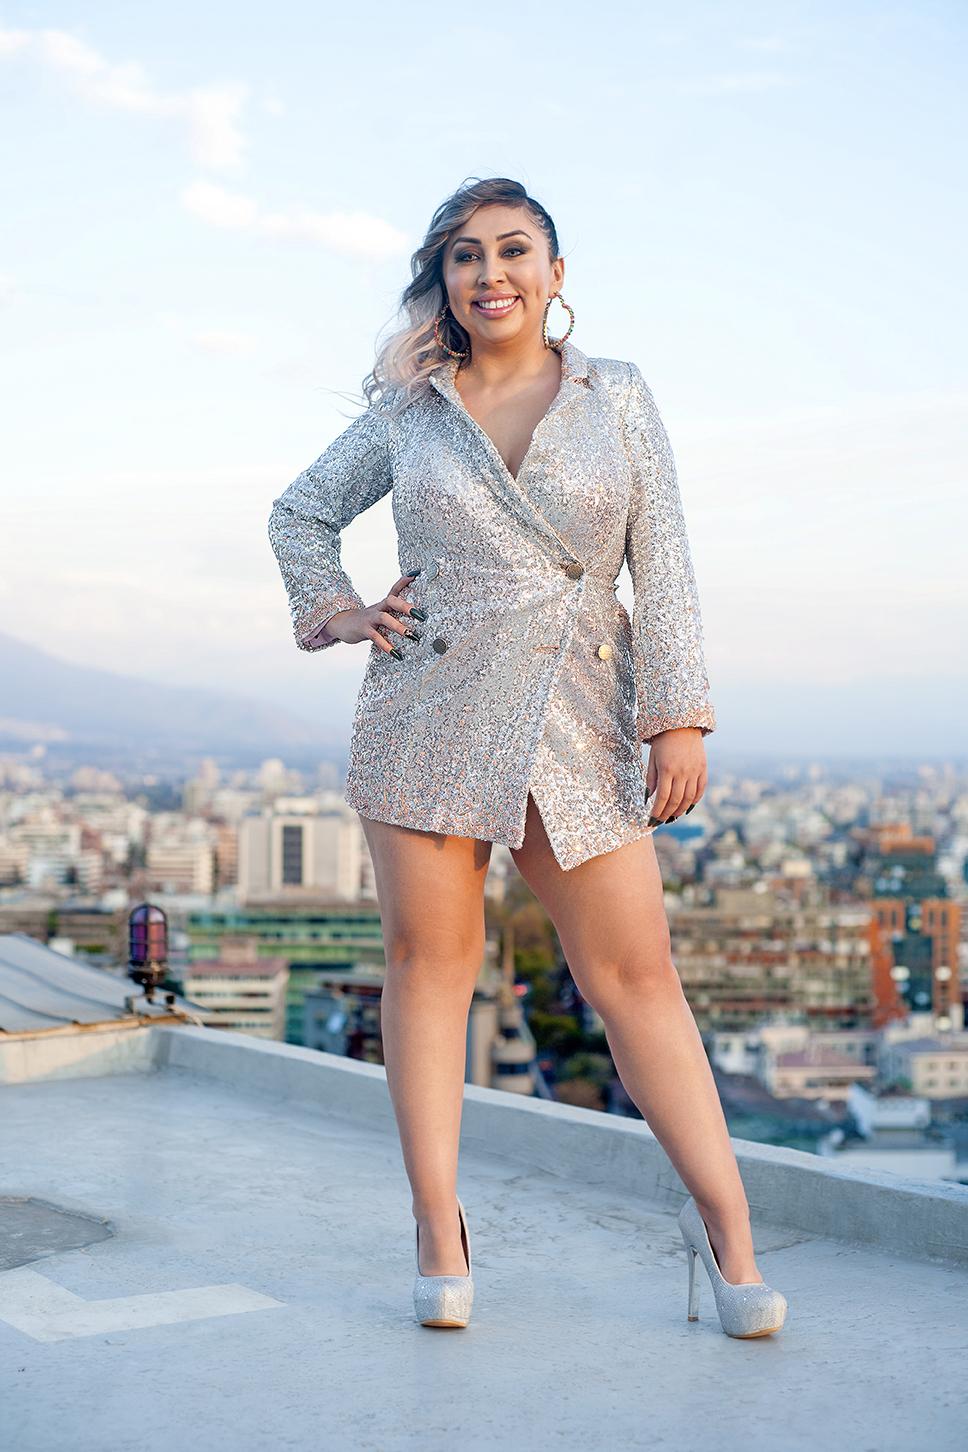 """Entrevista a Naya Fácil: """"Quiero que mis seguidores vean a alguien que a pesar de todos los obstáculos que puede tener en su vida, es capaz de salir adelante"""""""